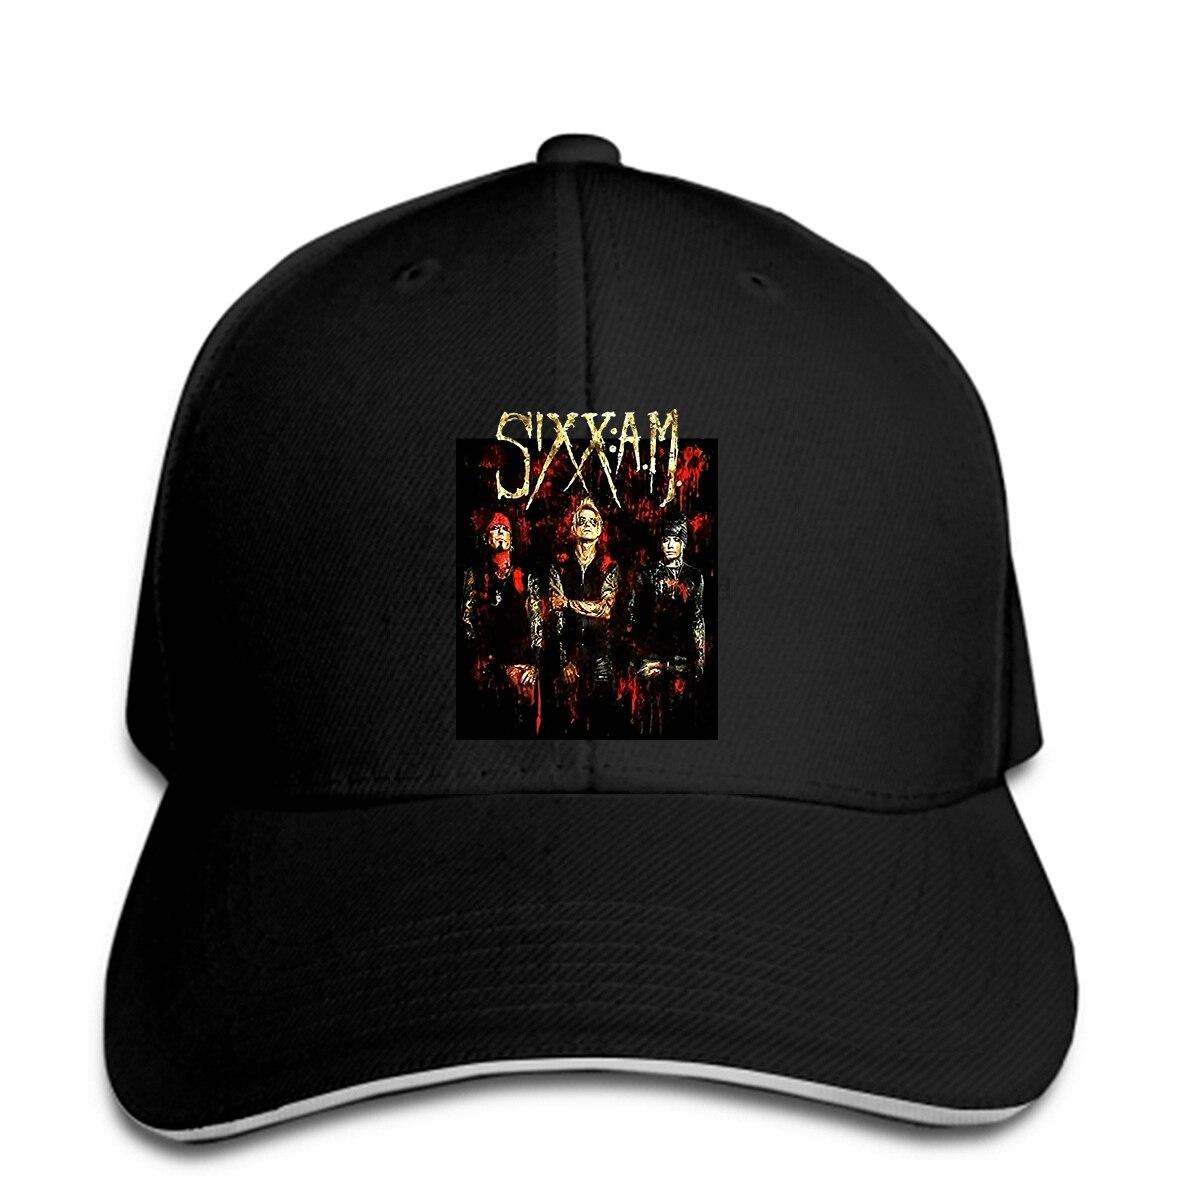 AM Band Photo Image Girls Juniors Black T Shirt New Official Nikki Sixx A.M